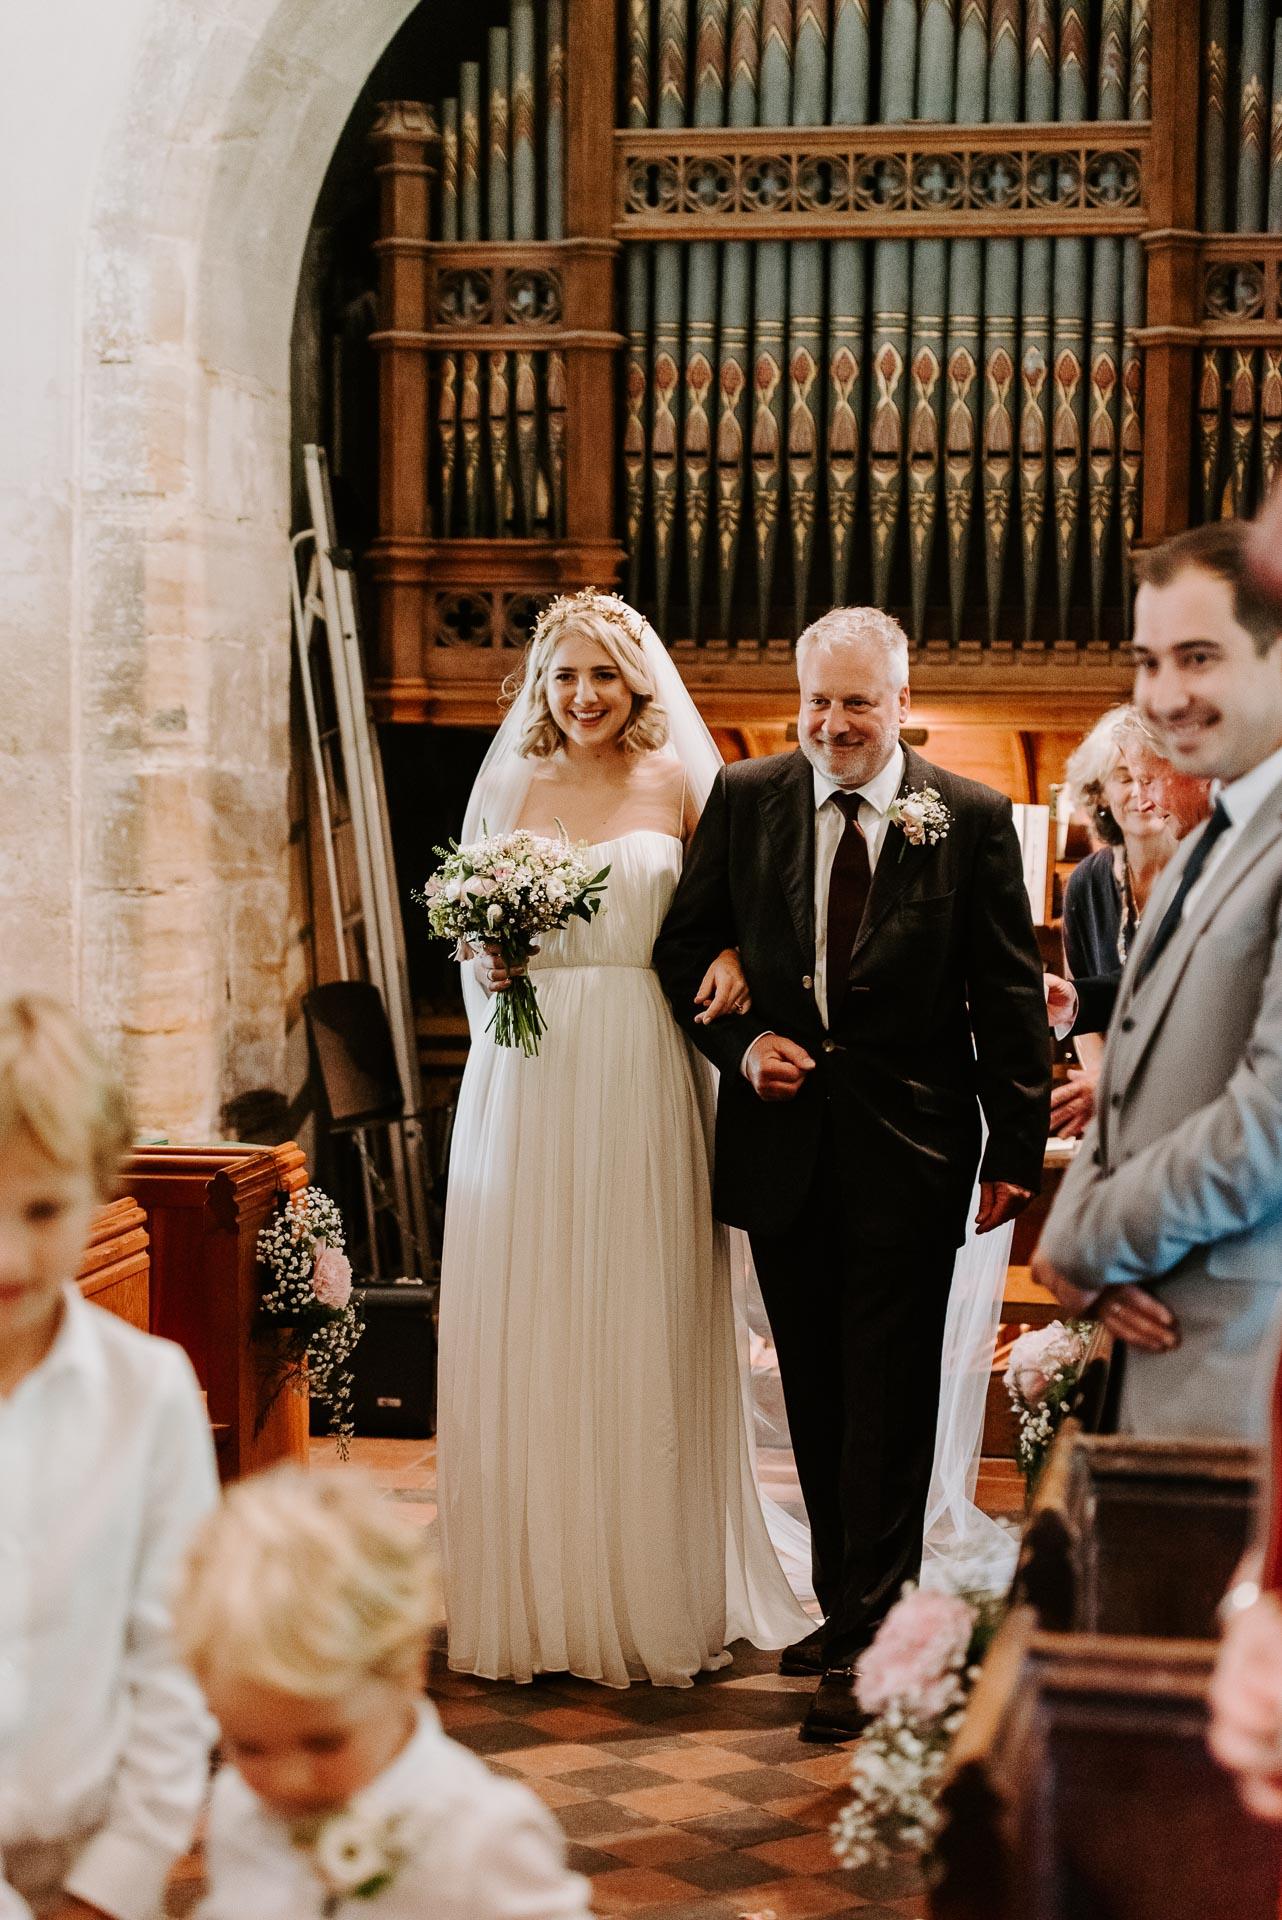 Henny_Jamie_East Sussex_Wedding_21.jpg